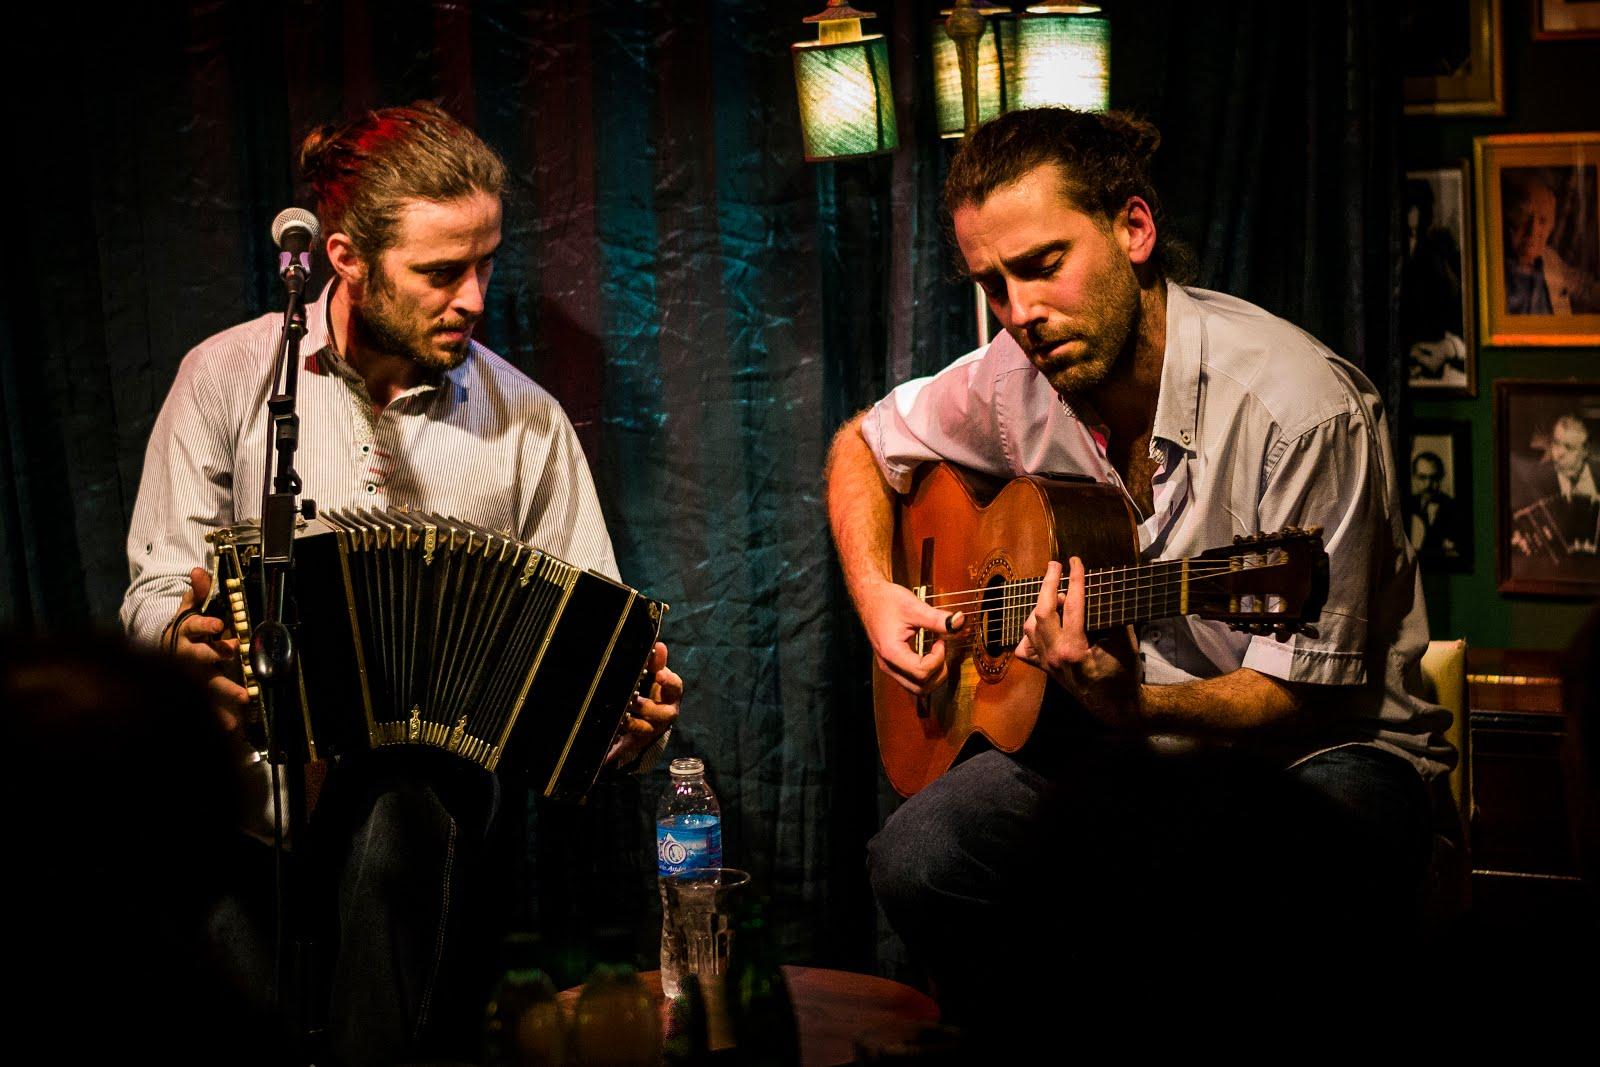 Duo Luna actuo el 30 de Agosto 2015